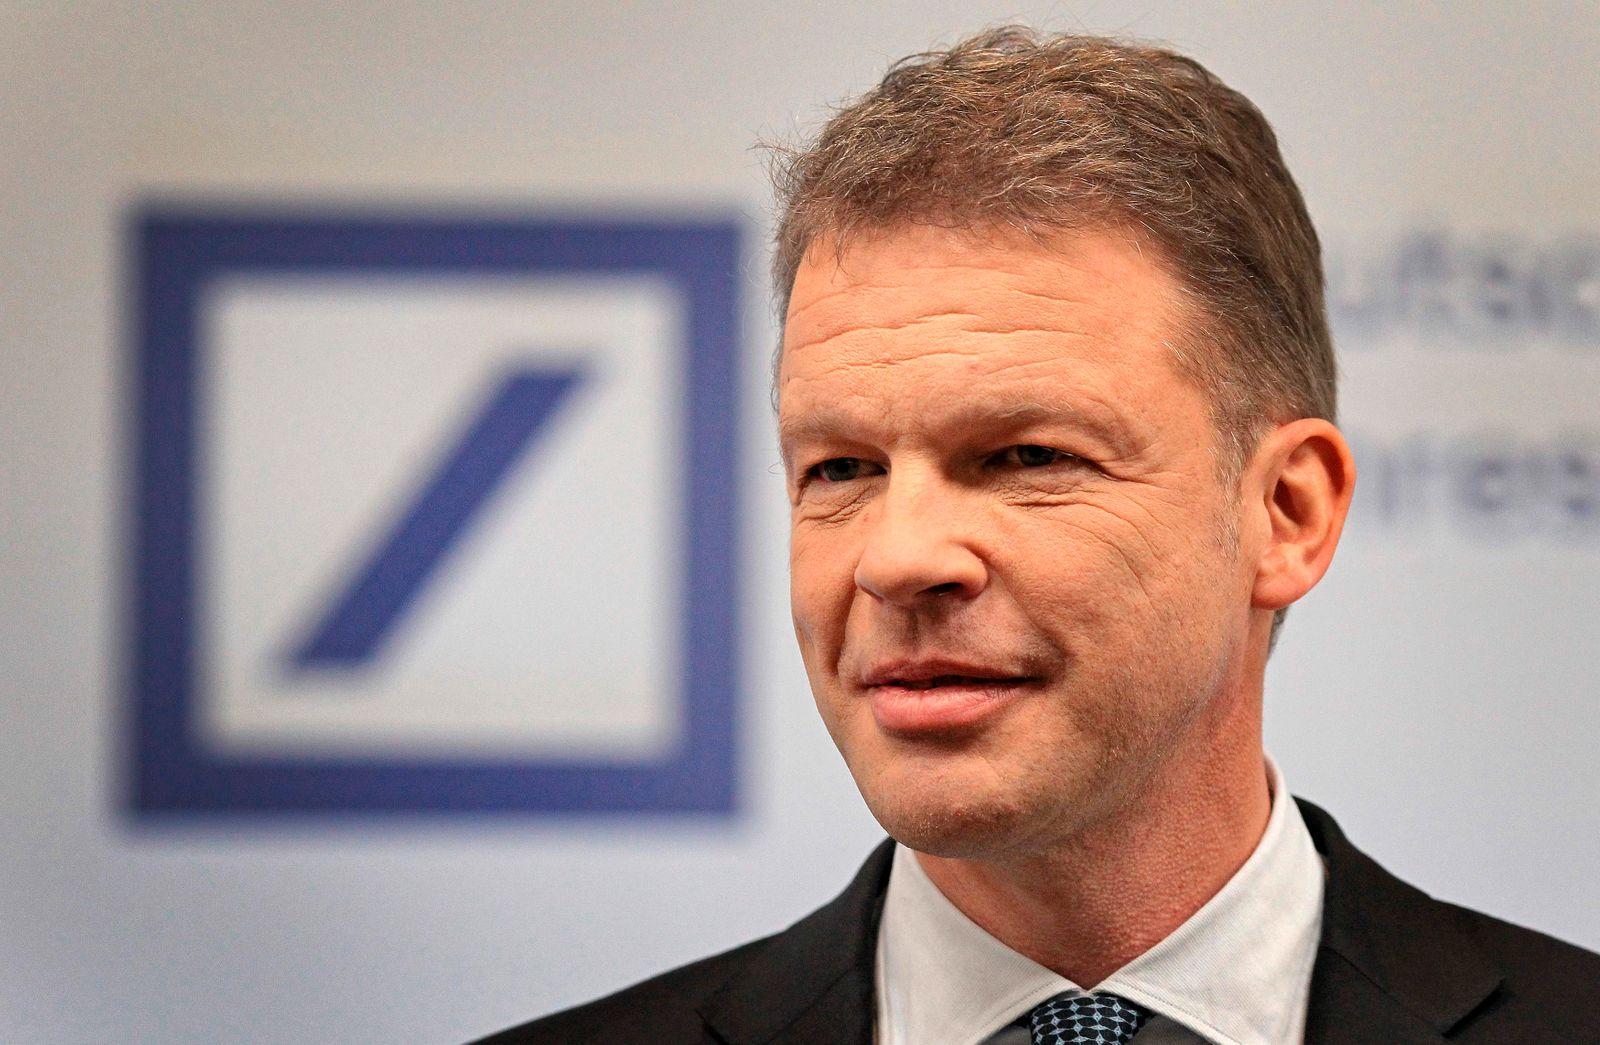 GERMANY-BANKING-EARNINGS-DEUTSCHE-BANK